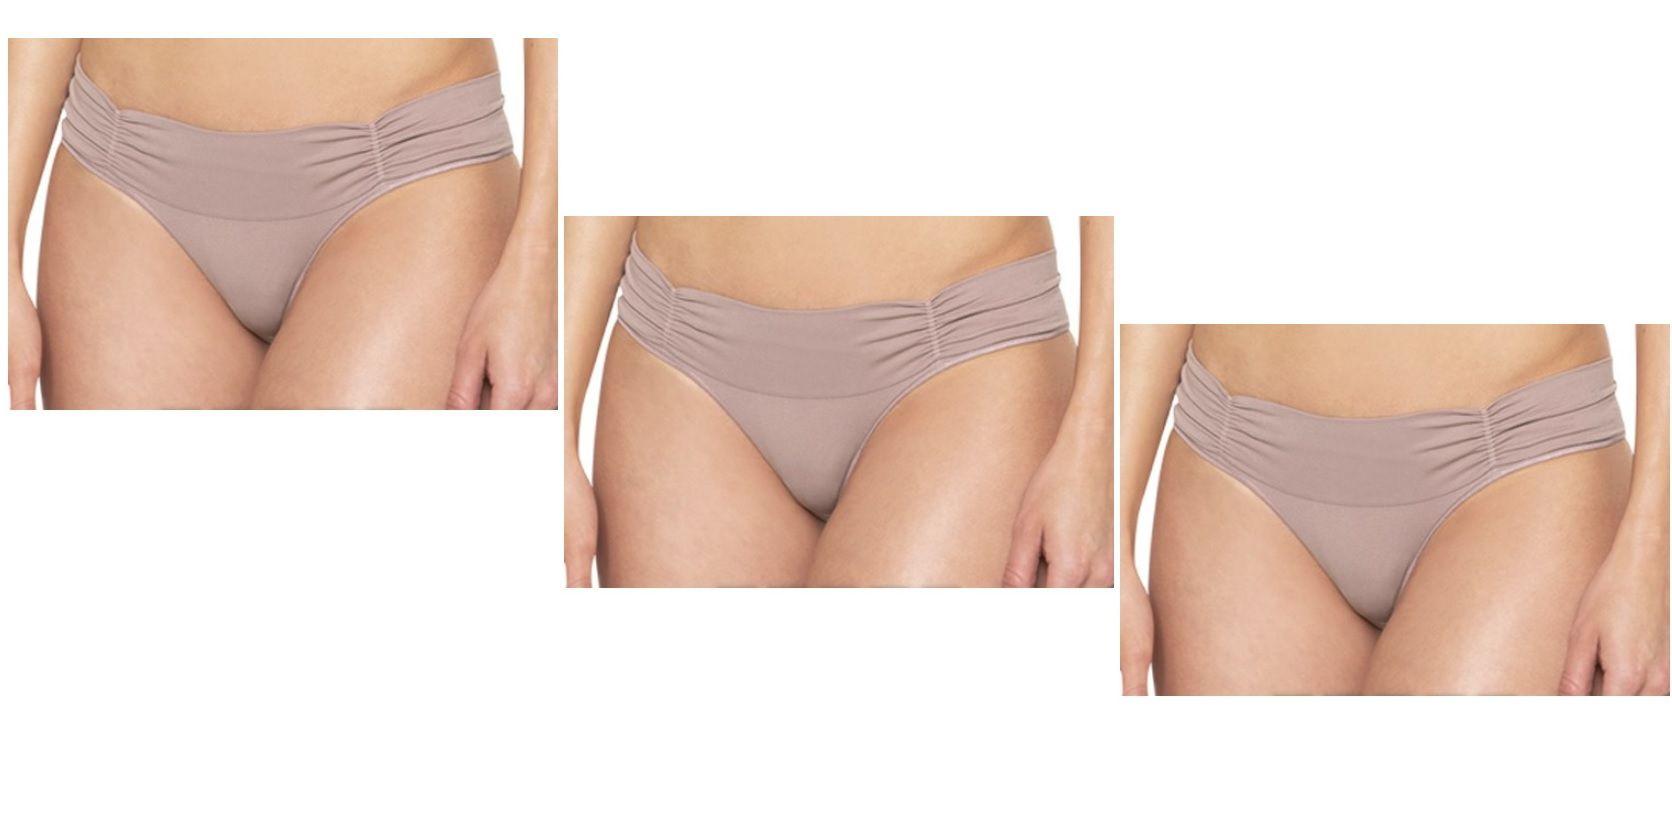 Kit 3 Calcinhas Clássica Essencial Conforto Loba Lupo 40116-001